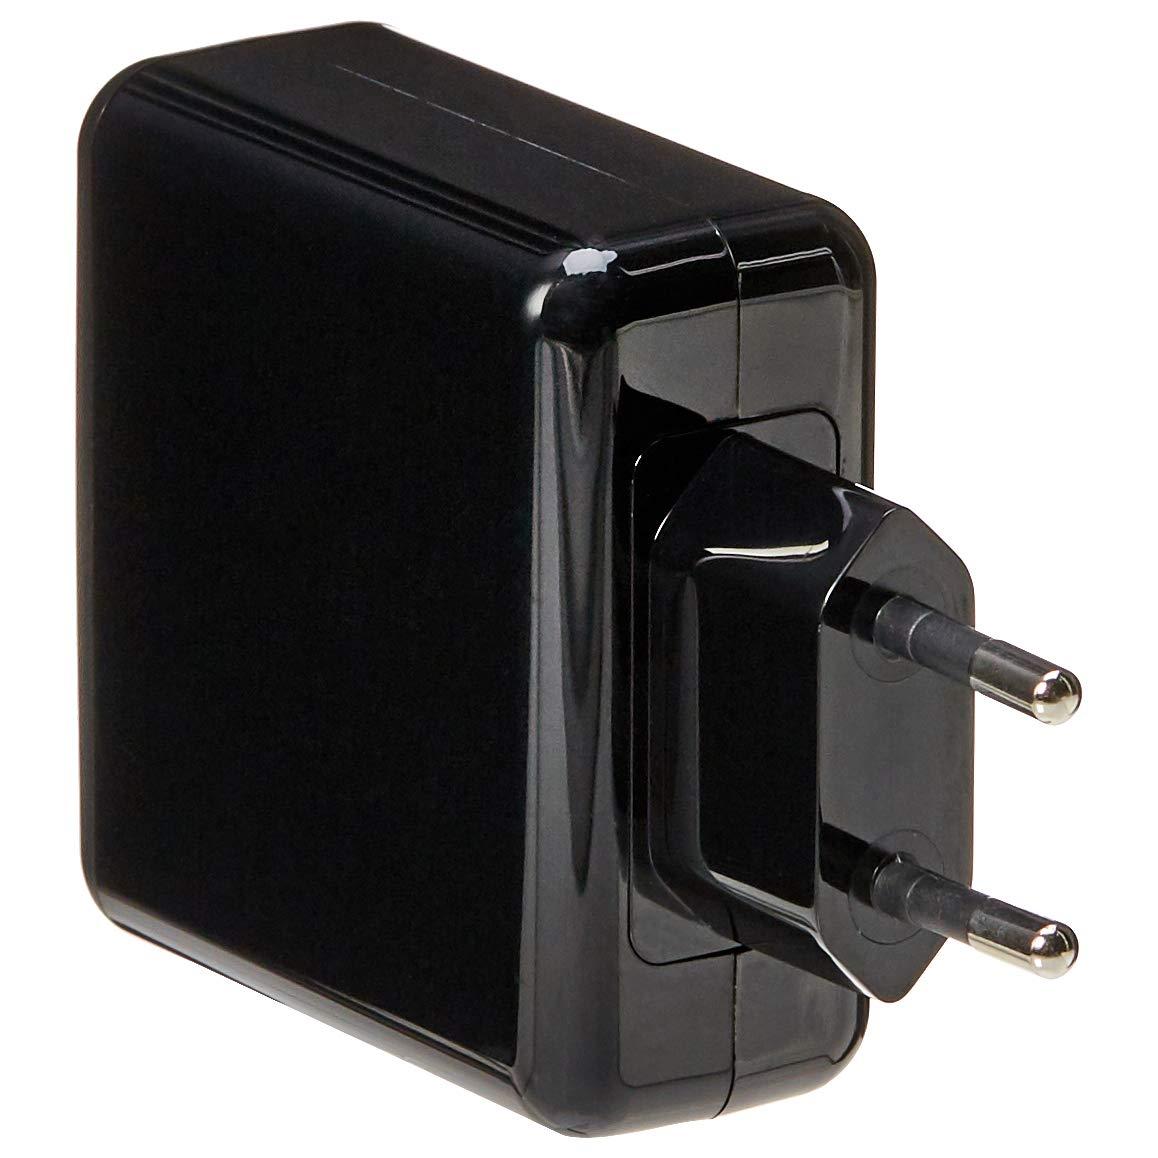 AmazonBasics – Cargador USB de pared de 4 puertos, 40 W, Negro